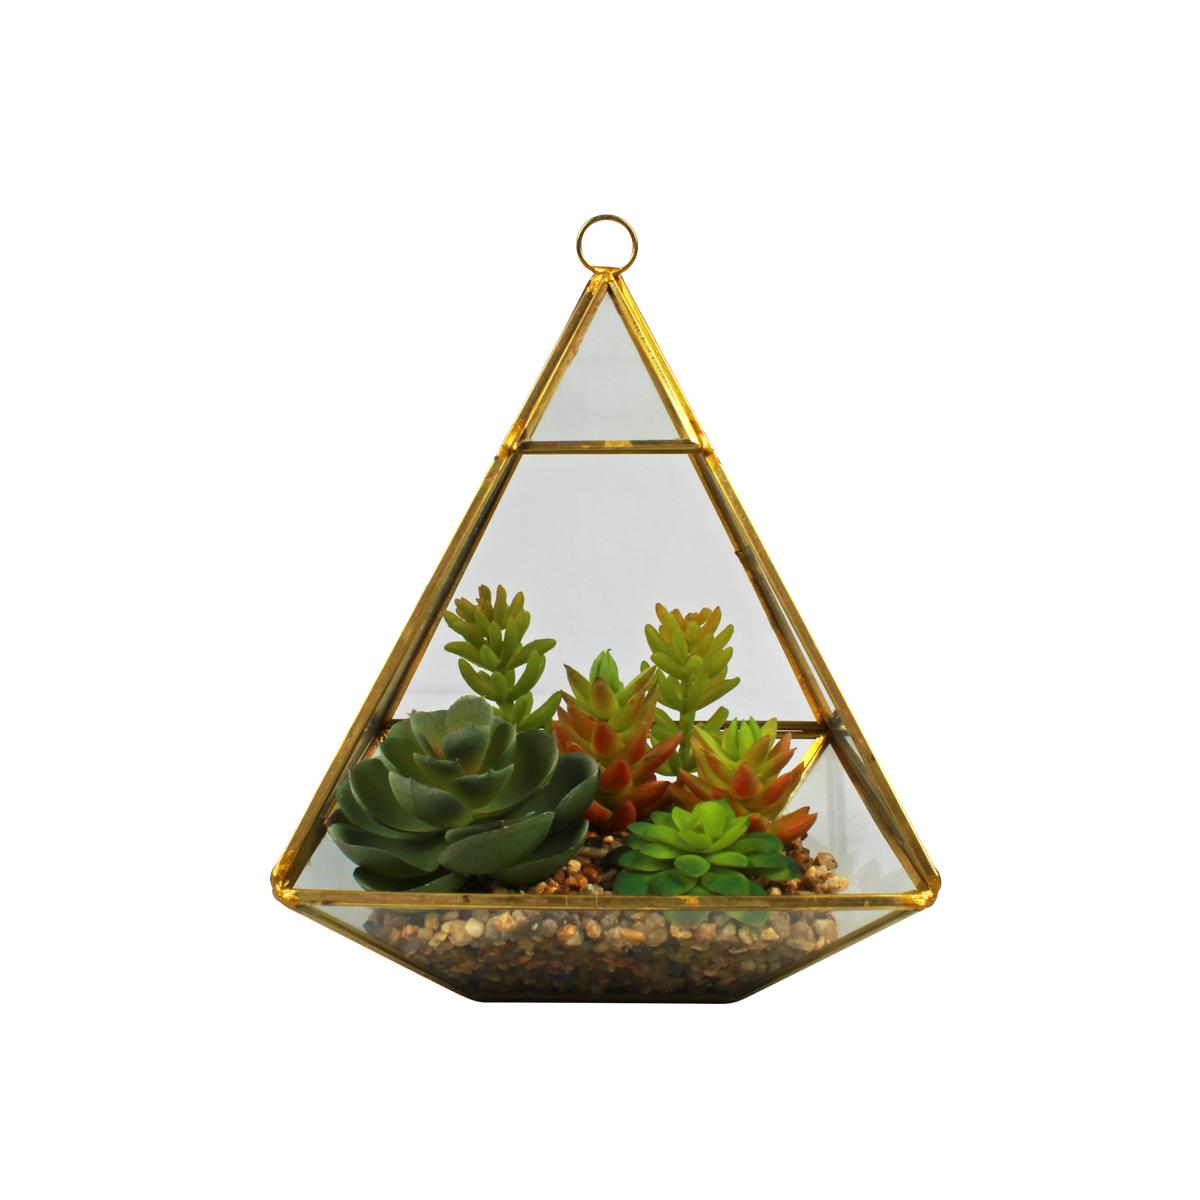 Terrário Decorativo C/ Plantas Artificiais Mod. Pirâmide Dourada 20,5cm